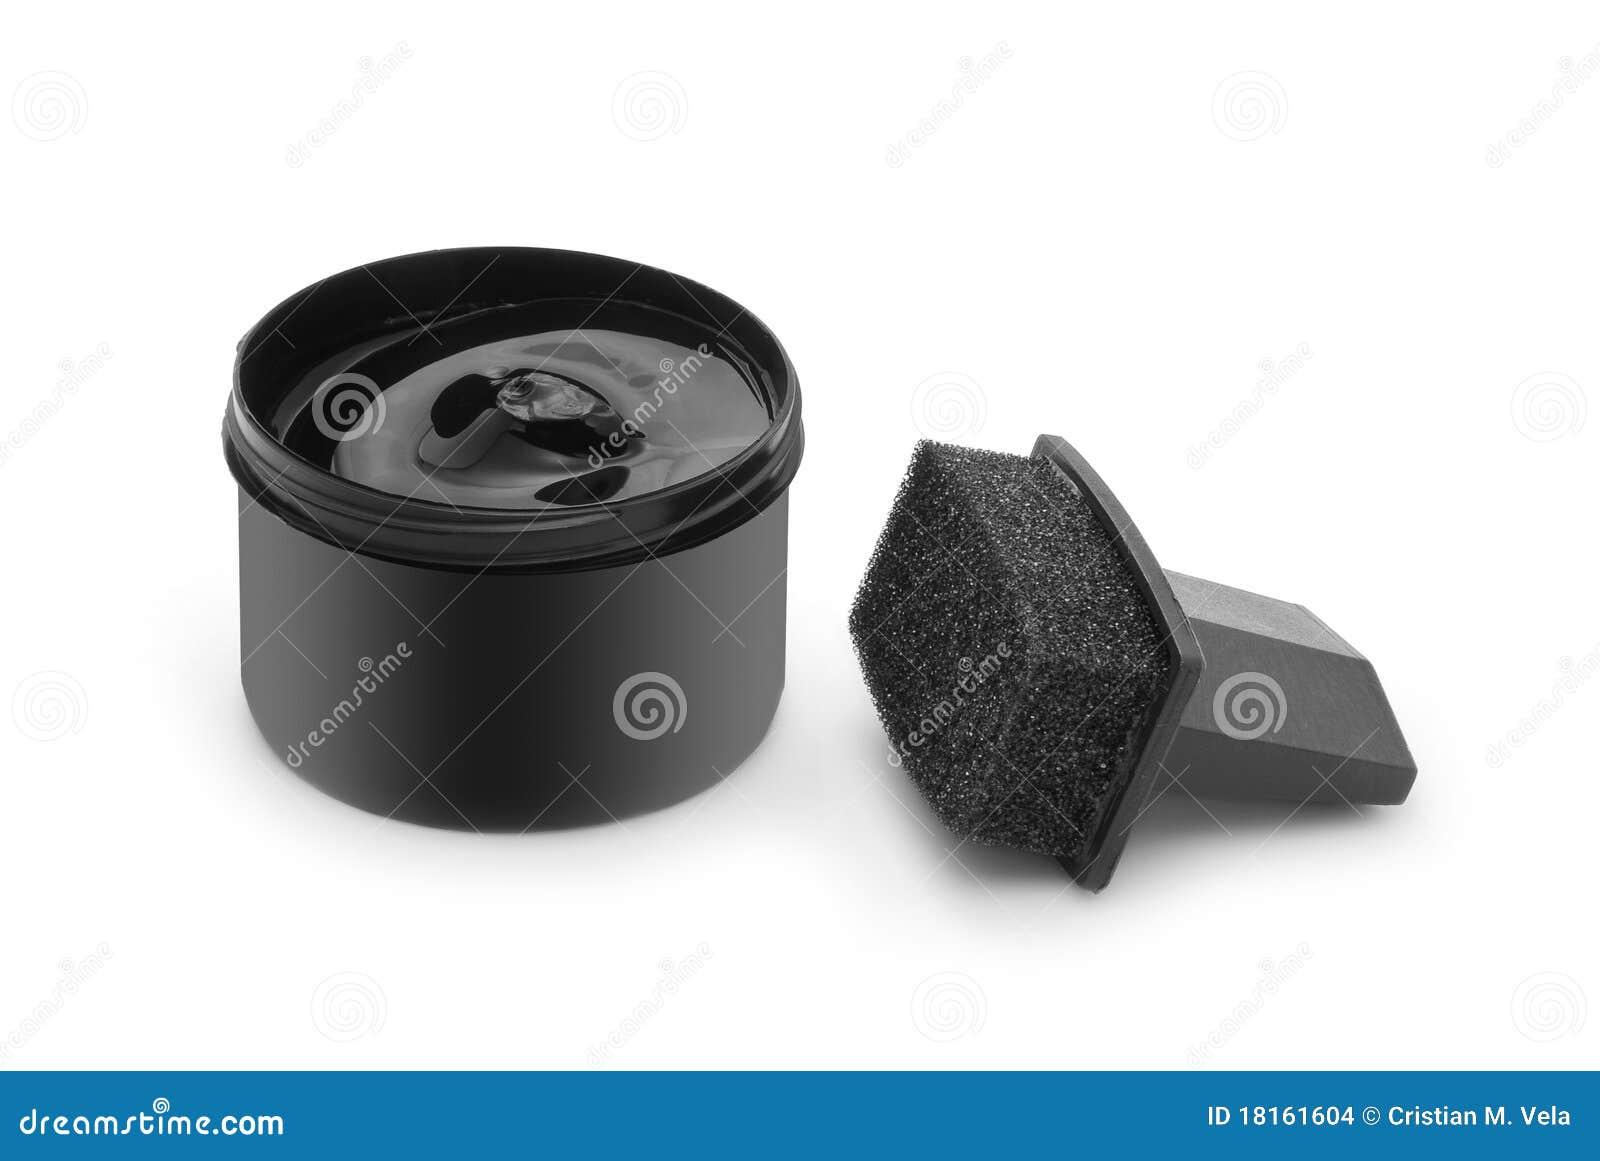 Stock Images: Black shoe polish